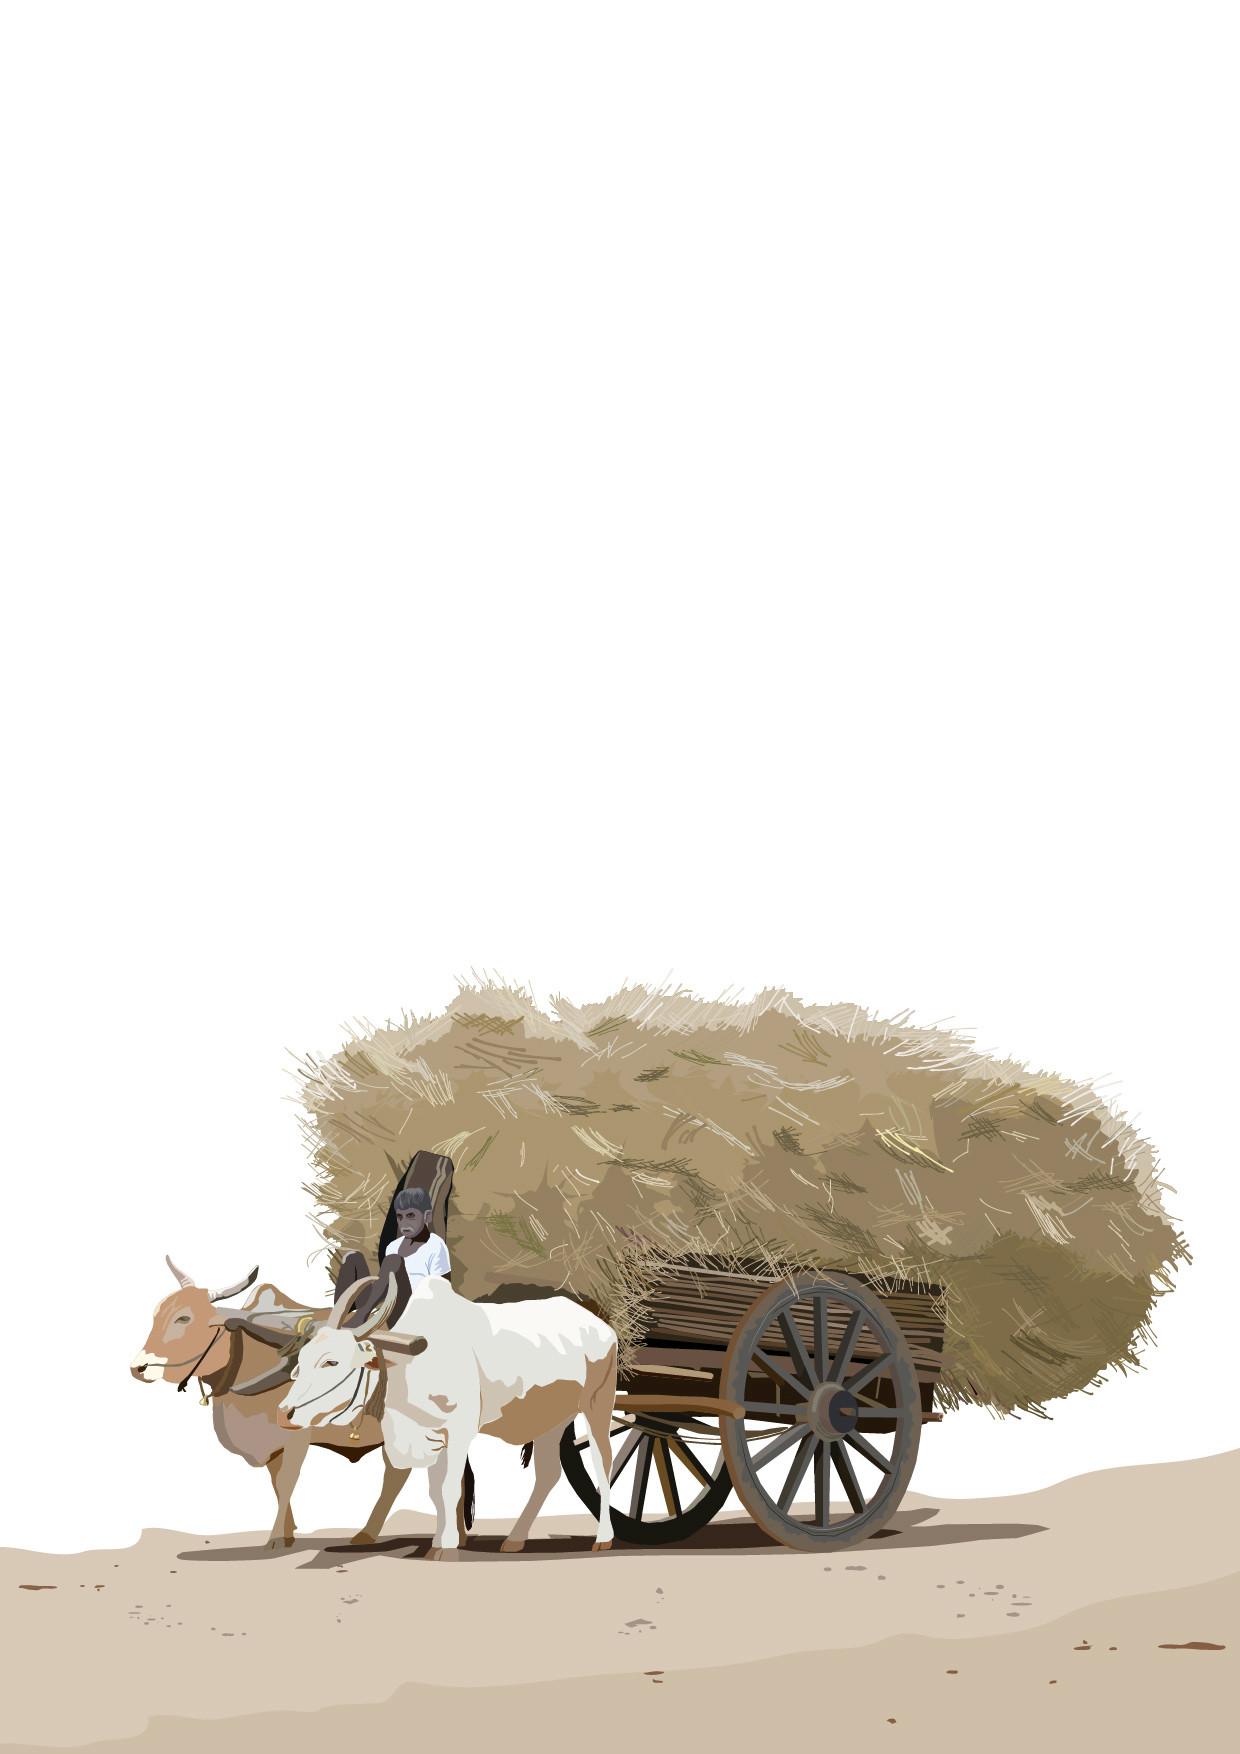 Rajesh sawant bullock cart konkan 01